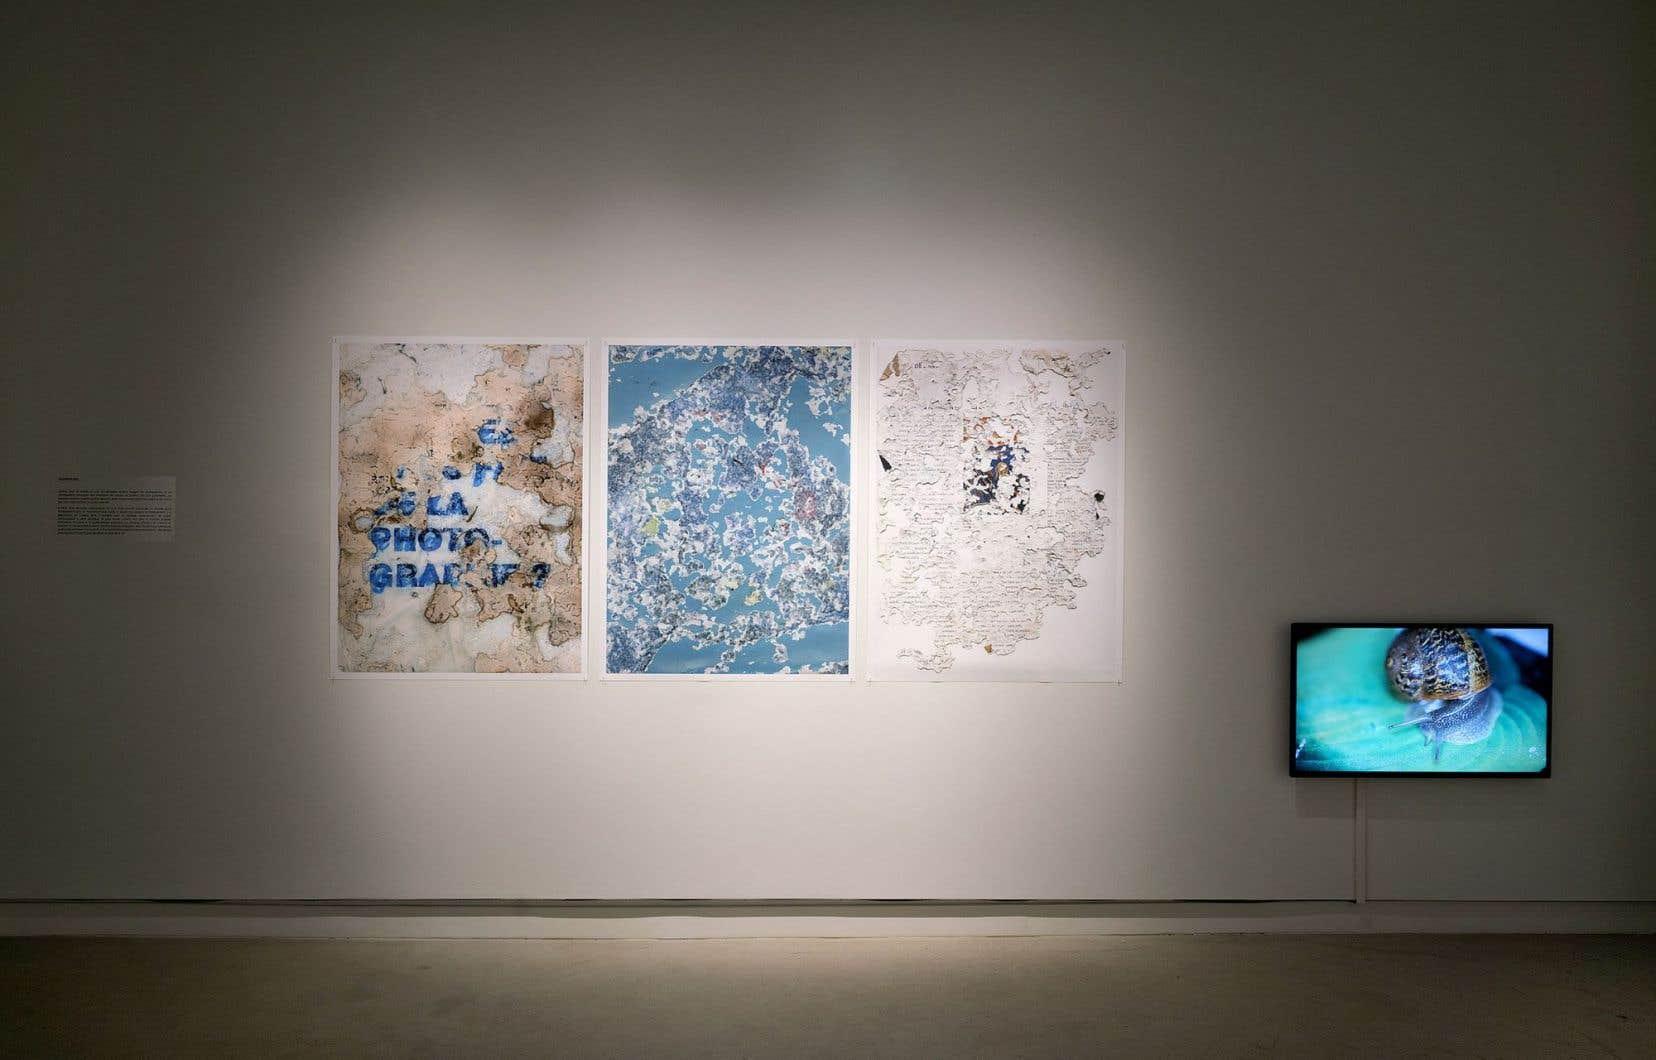 L'artiste travaille sur l'idée que la photo aurait perdu sa fonction de mémoire, d'immortalité et de vérité.